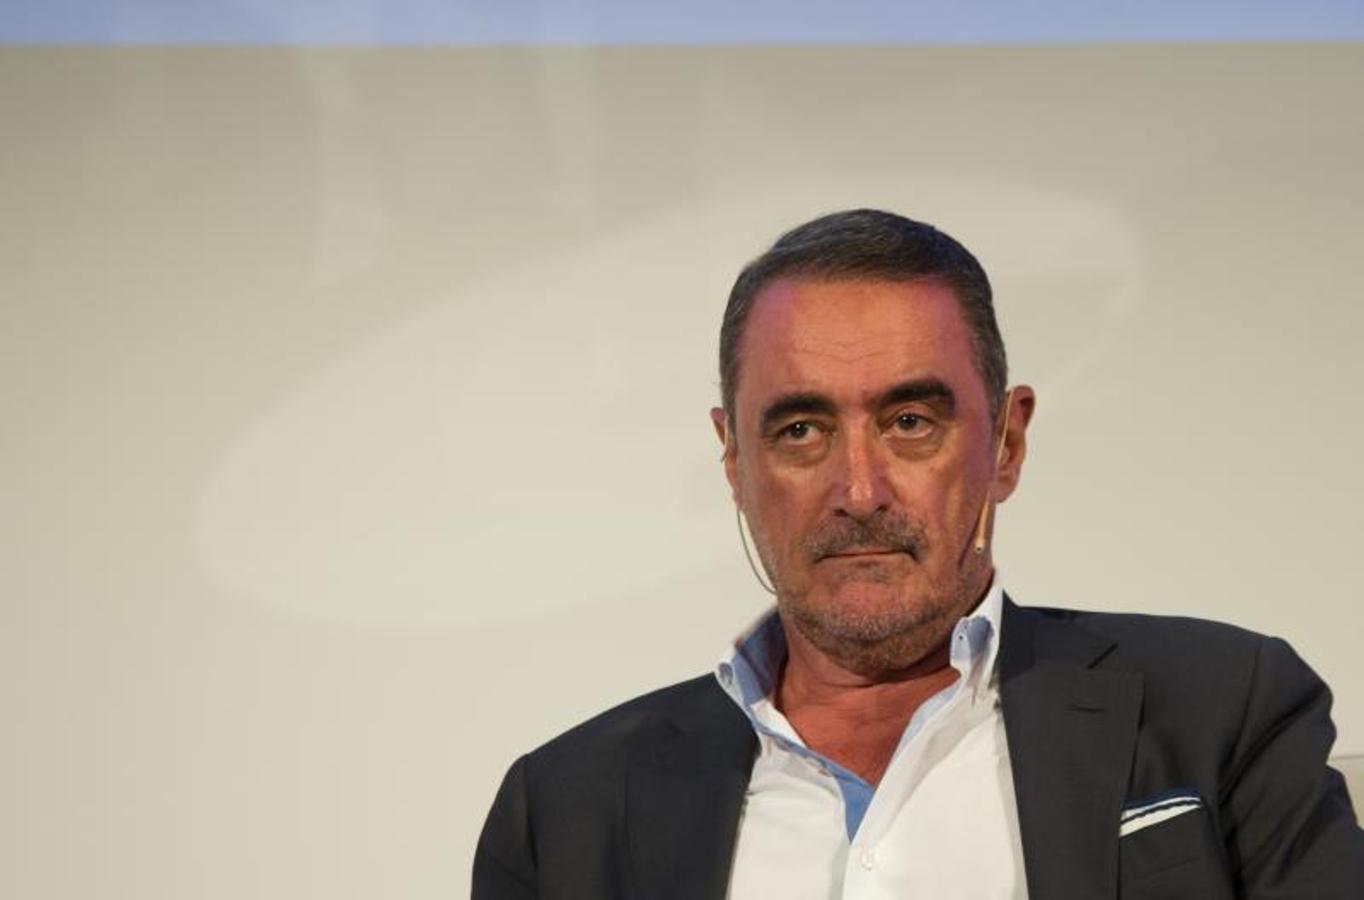 En un auditorio completamente lleno. Bieito Rubido, director de ABC, ha afirmado al inicio del acto que Carlos Herrera es el comunicador más influyente de España